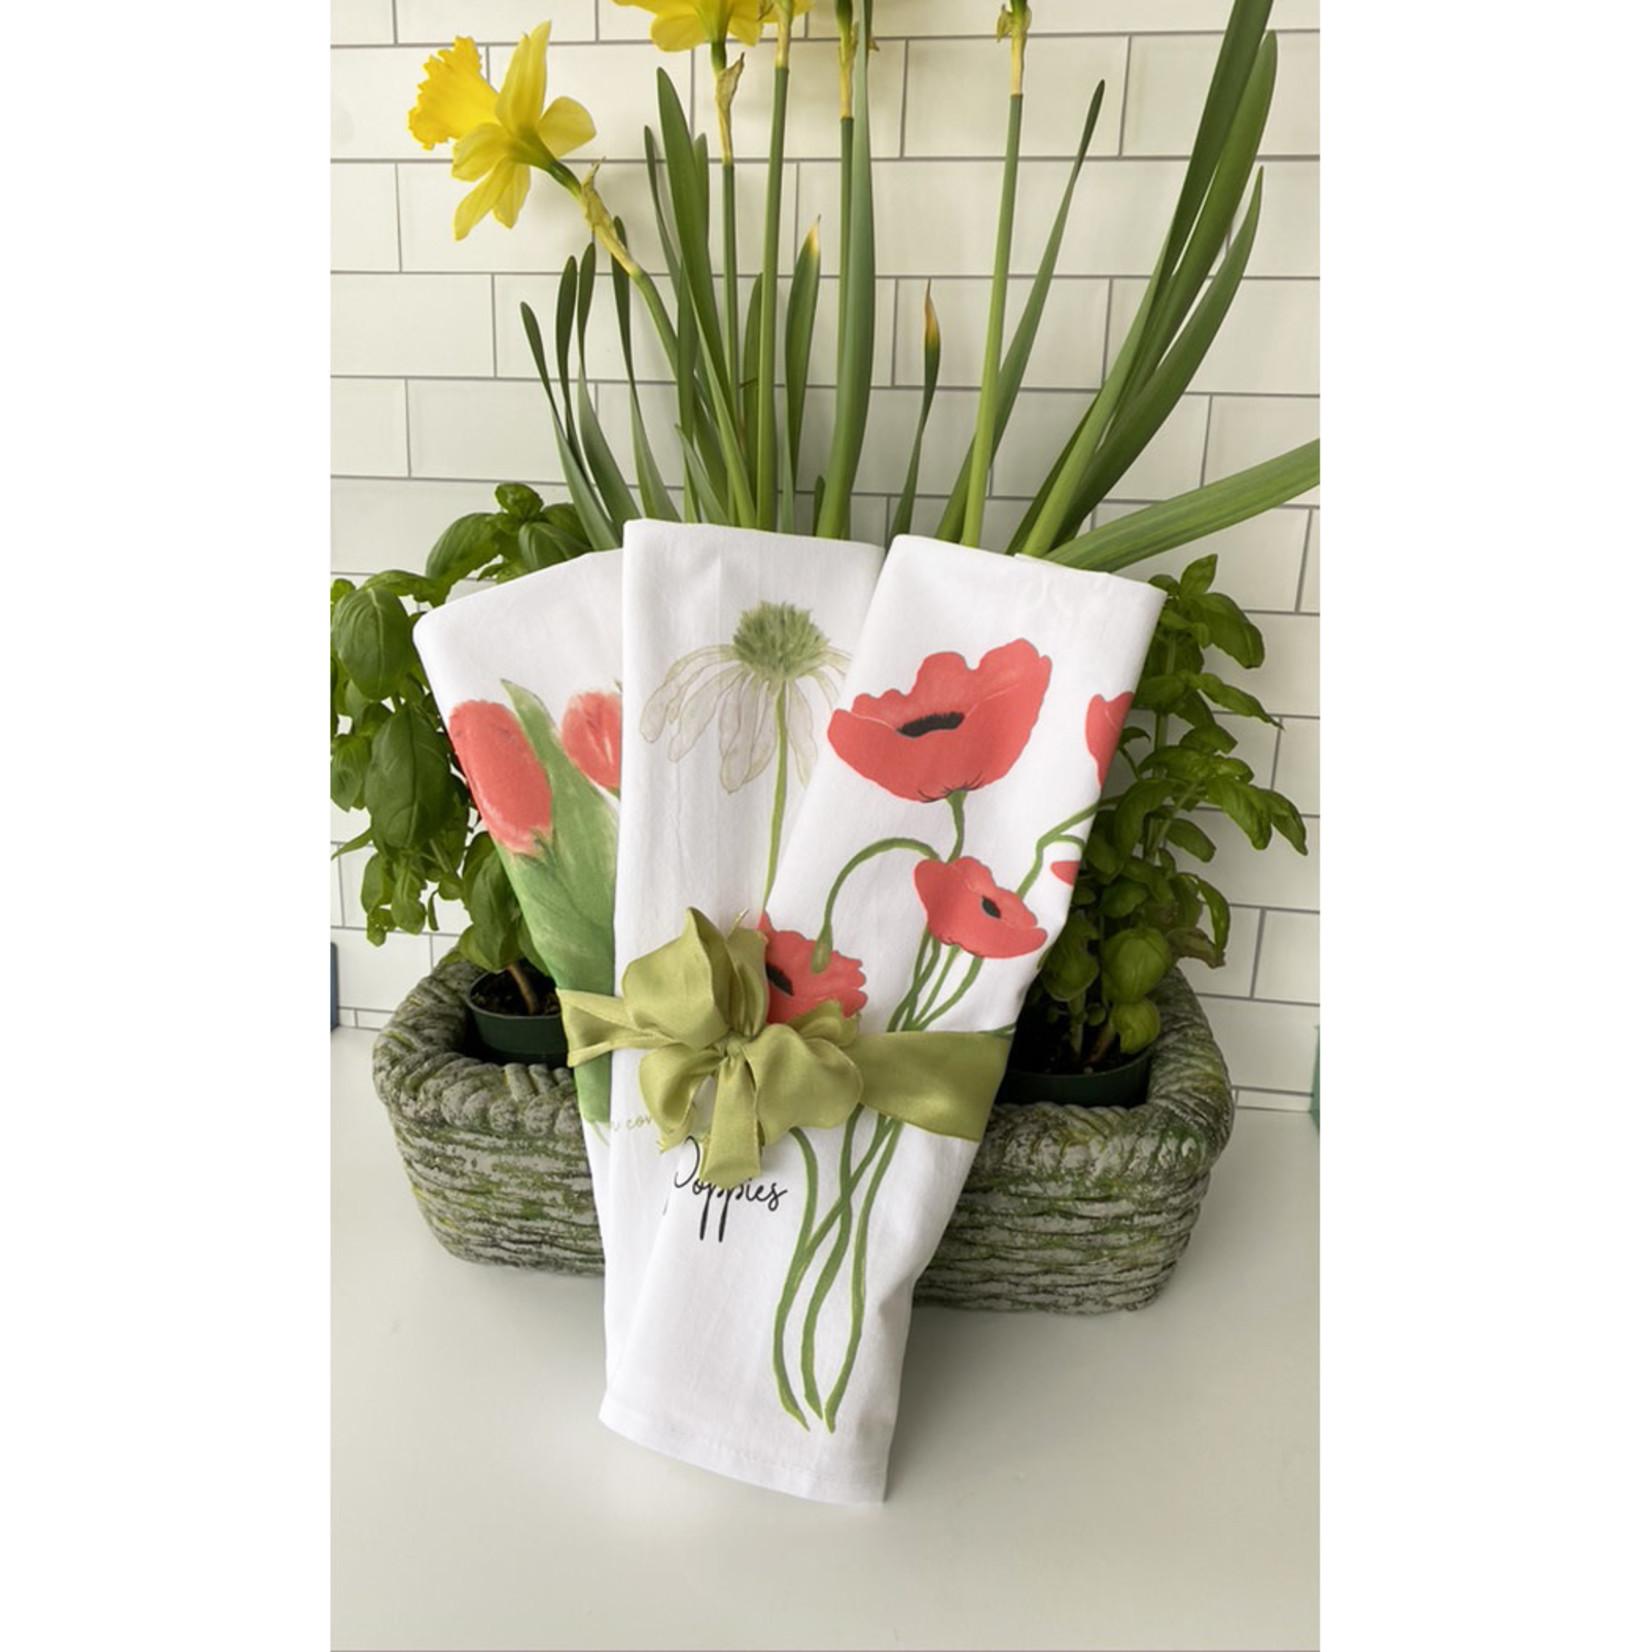 Bebe Blu Designs Bebe Blu Designs | red poppy guest towel